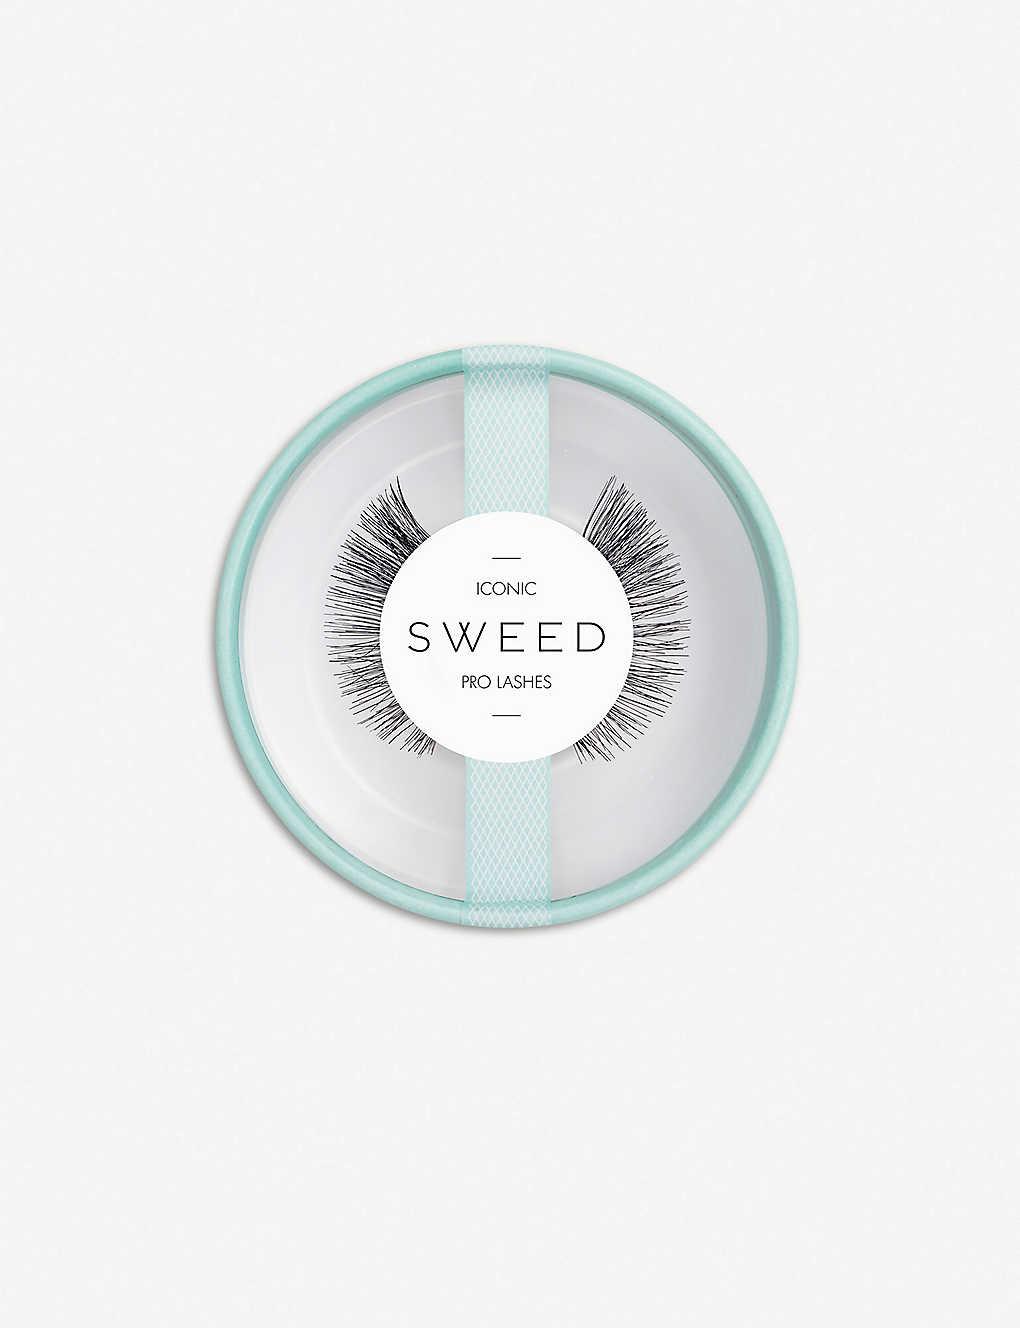 c916ed5c10c SWEED LASHES - Iconic eyelashes | Selfridges.com